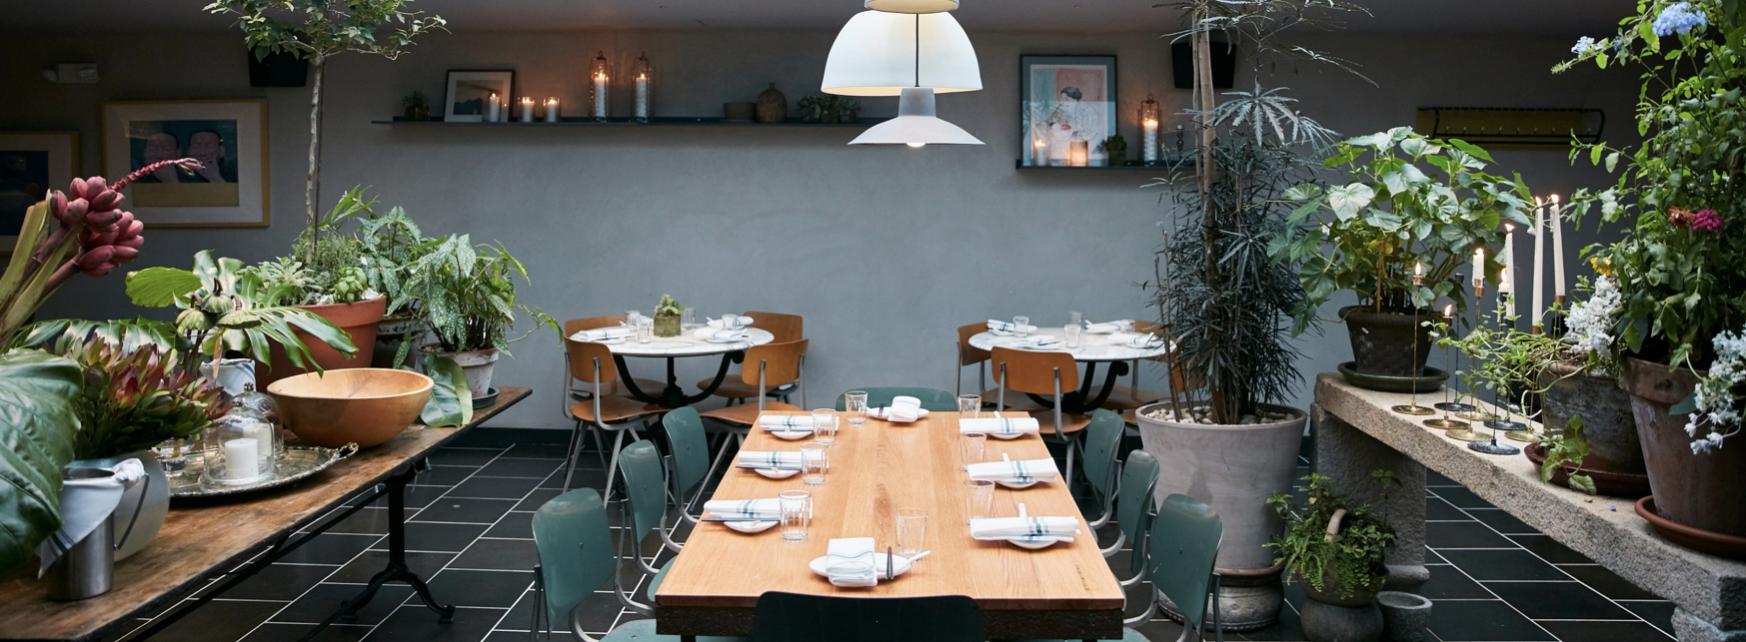 EAT & DRINK_  HAON NOODLE.  #Noodles #NewYorkStyle #Interiors #Fusion   https://haonoodle.com